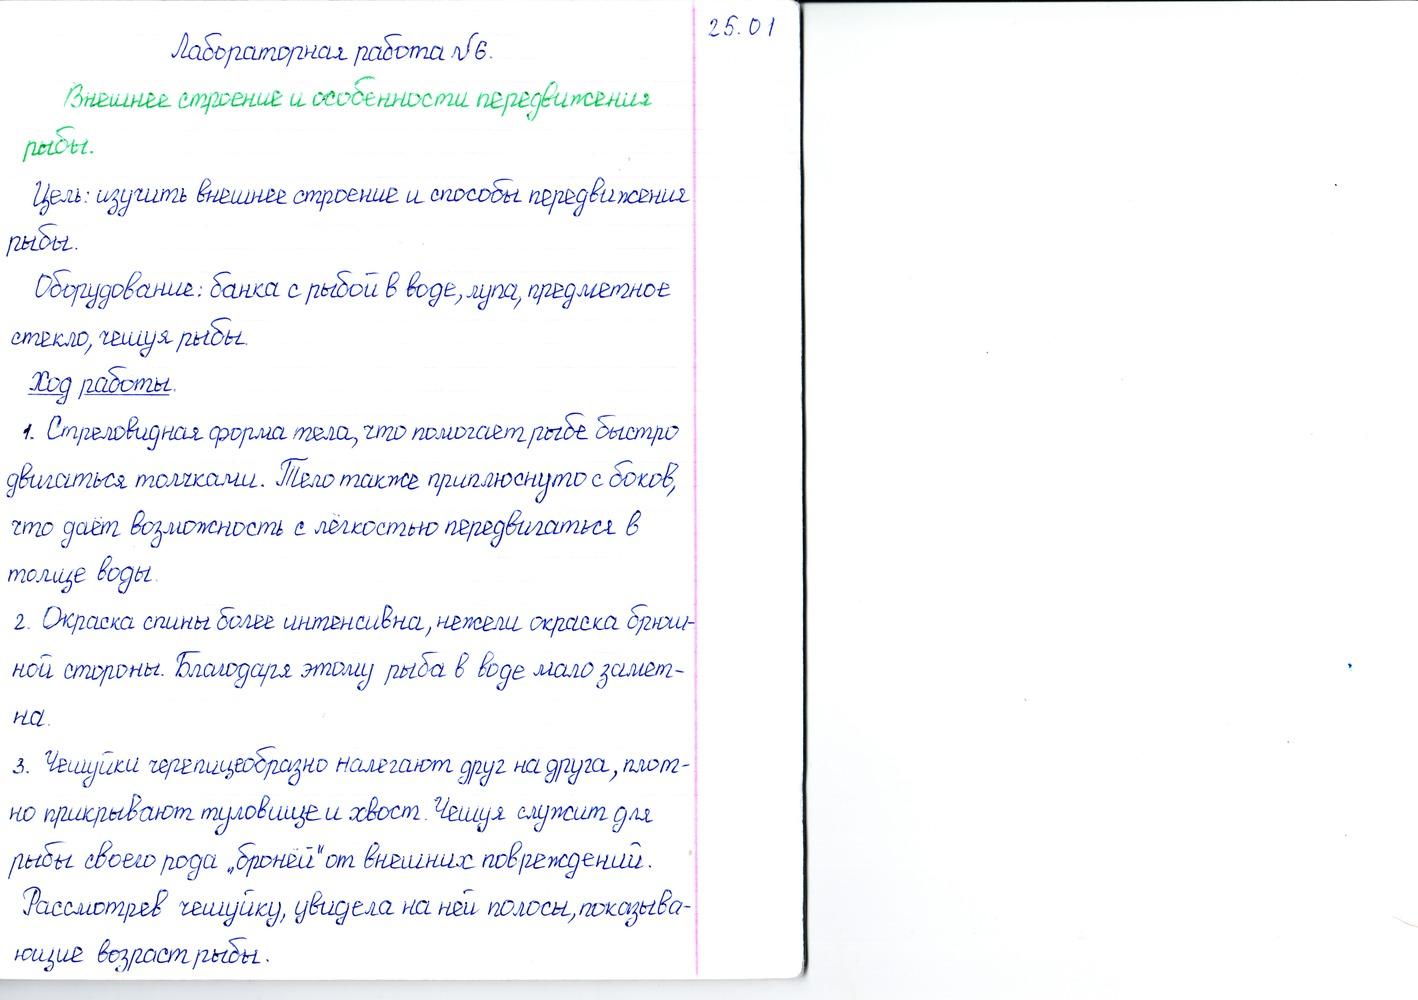 Гдз по биологии 7 класс латюшин учебник лабораторные задания